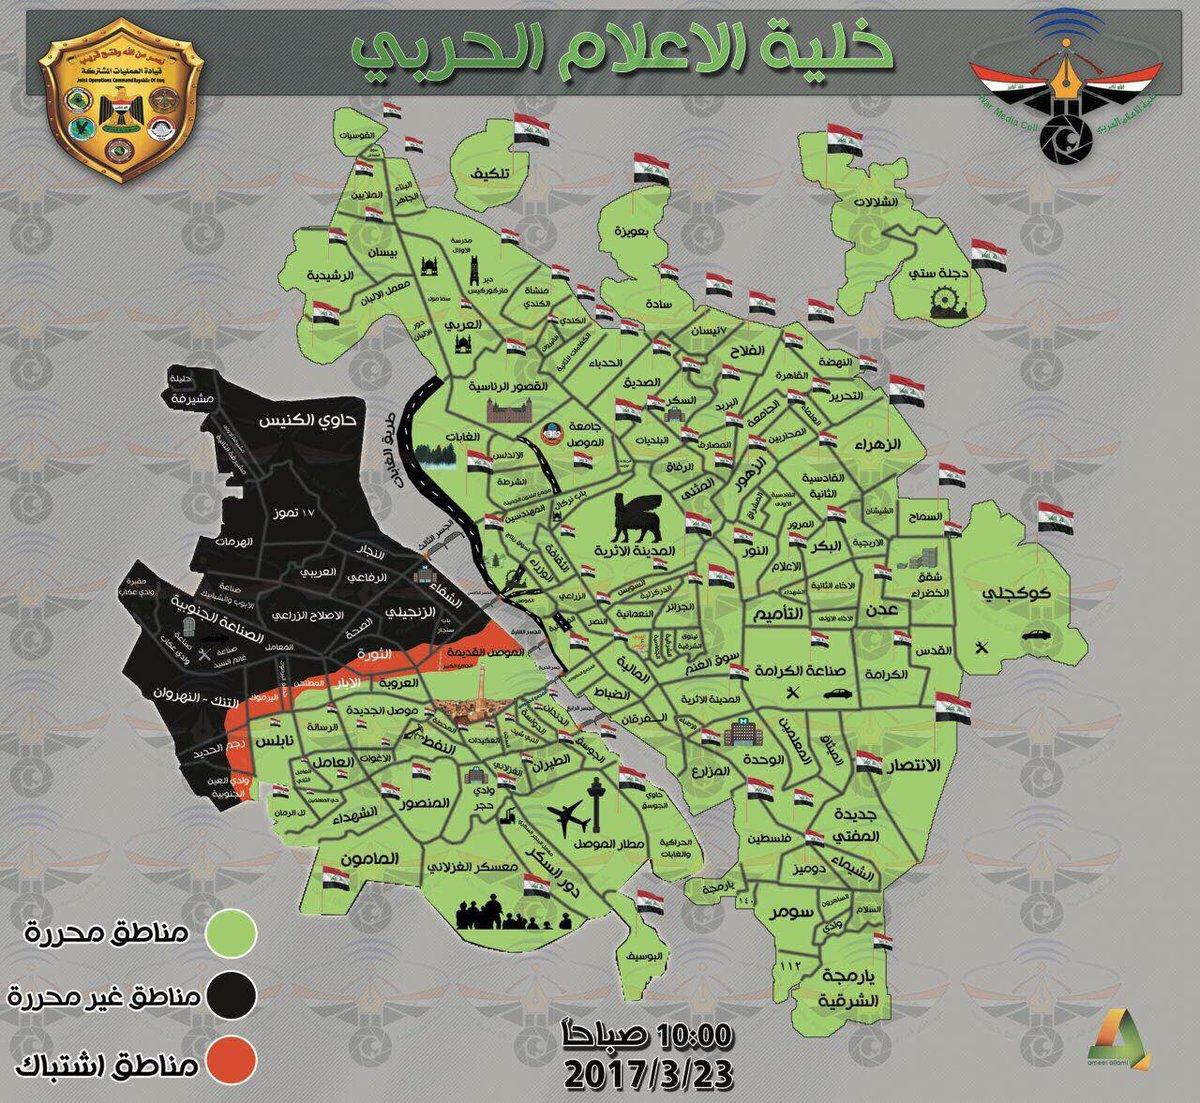 الخارطة التي نشرتها خلية الإعلام الحربي مساء 23 آذار/ مارس